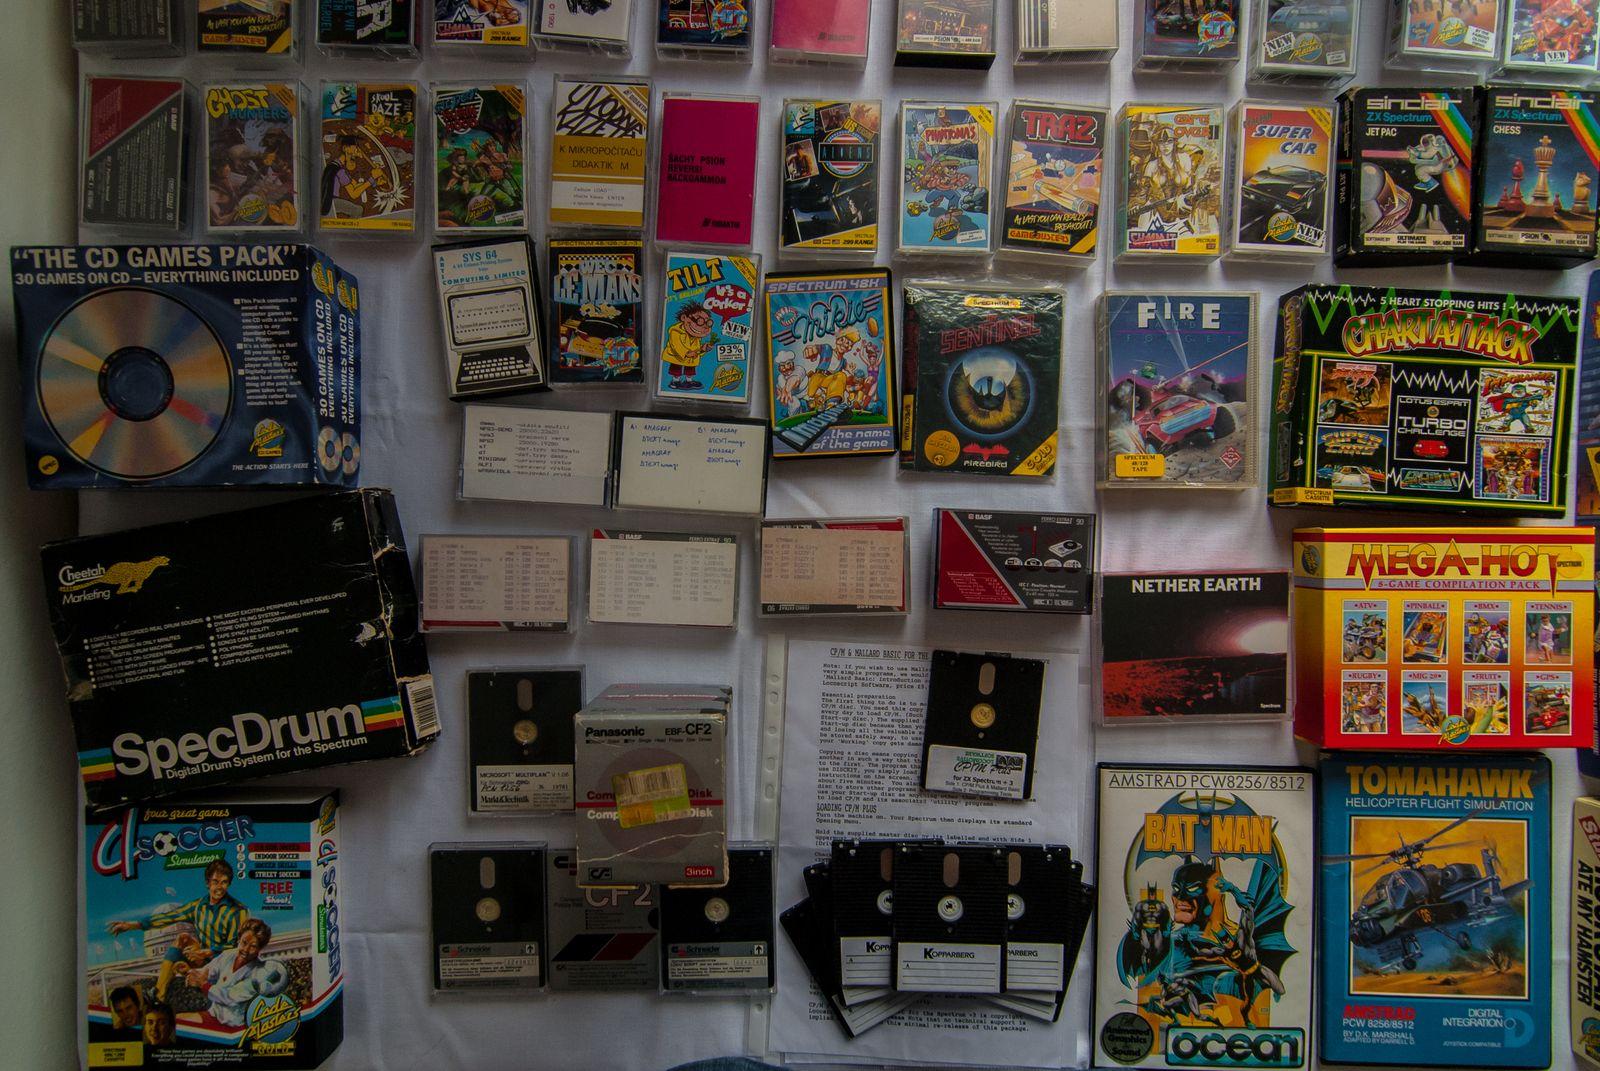 Spoustu her si možná pamatujete, ale v původním balení je vidíte poprvé. To proto, že kopírovat kazety a později diskety bylo jednodušší, než shánět originály.